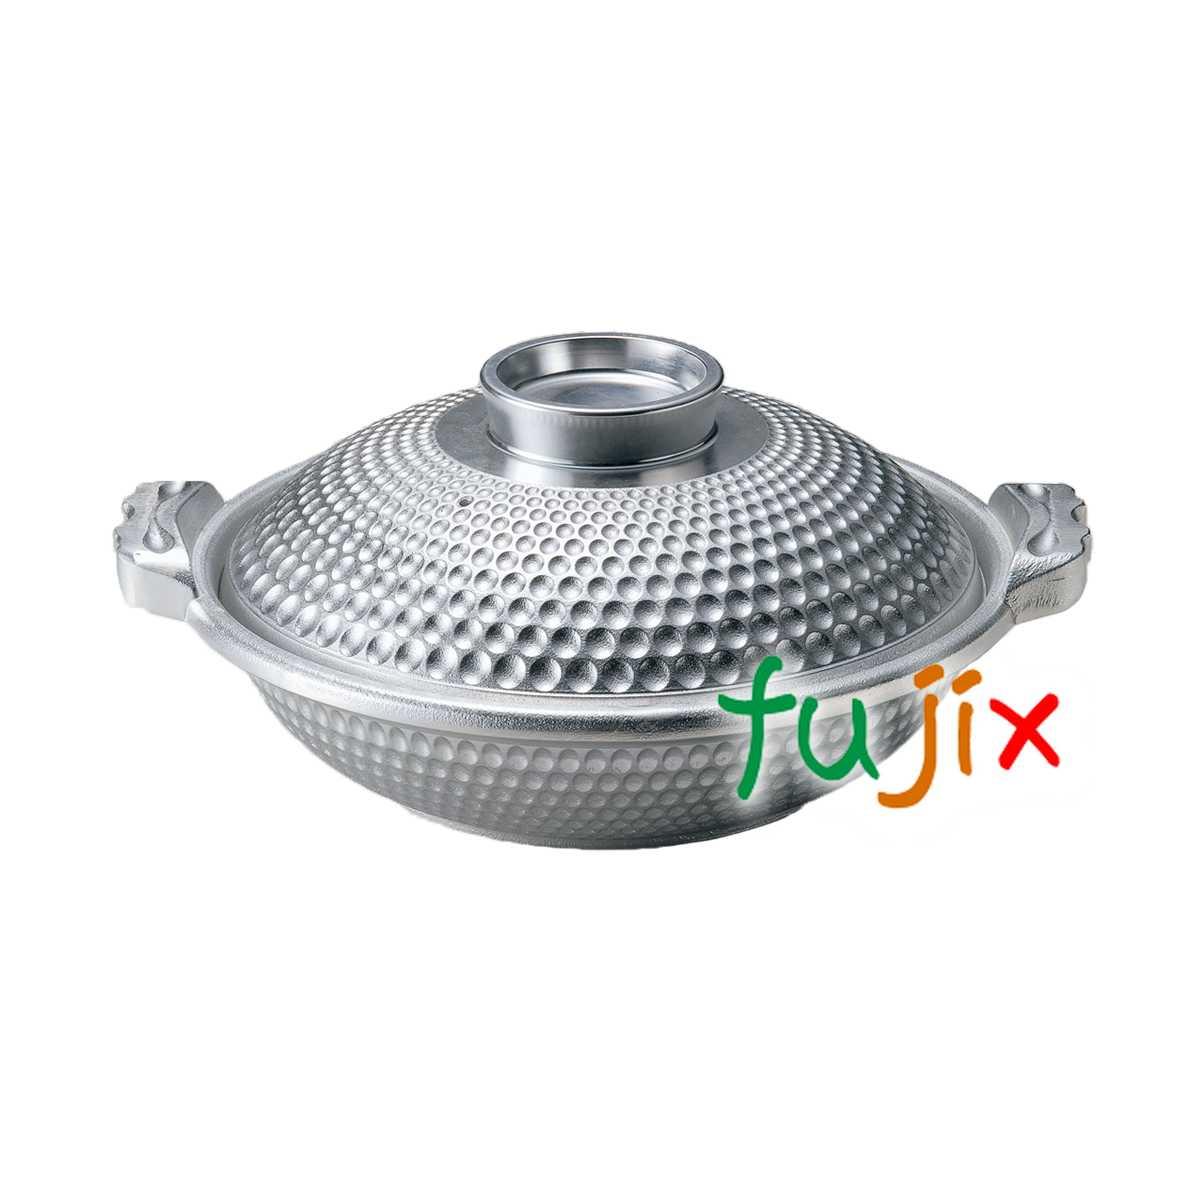 よろず鍋 φ25 白銀 深 蓋付 1個 M11-062 アルミ合金製